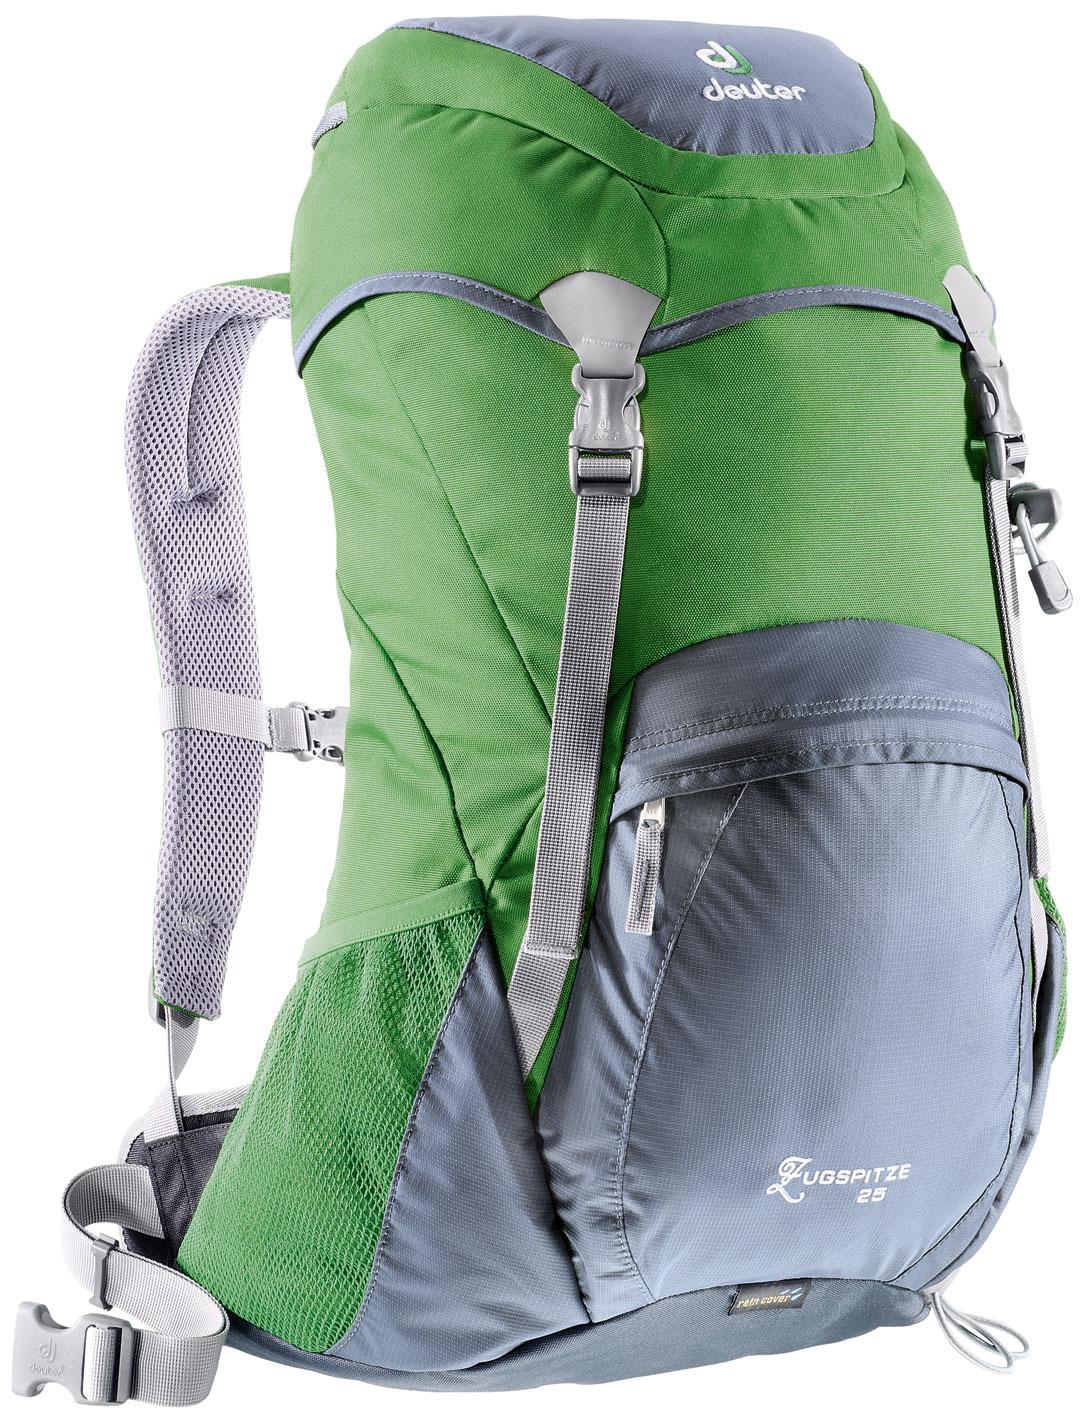 ziemlich billig Veröffentlichungsdatum Trennschuhe Deuter Zugspitze 25 titan-emerald - ca